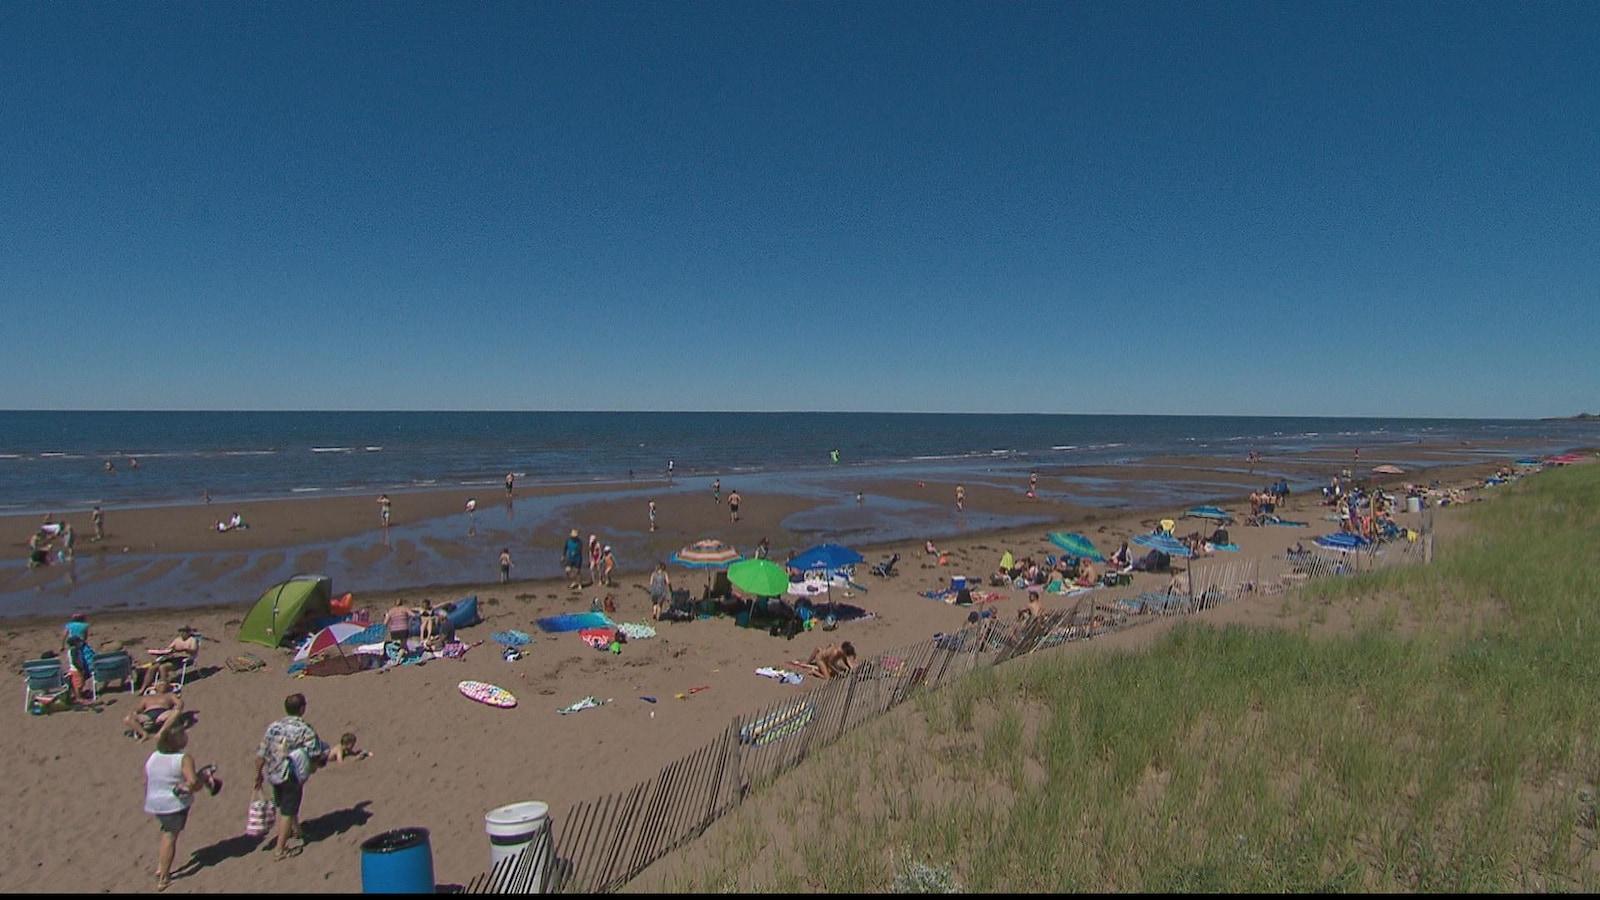 La plage de l'Aboiteau obtient une certification internationale.